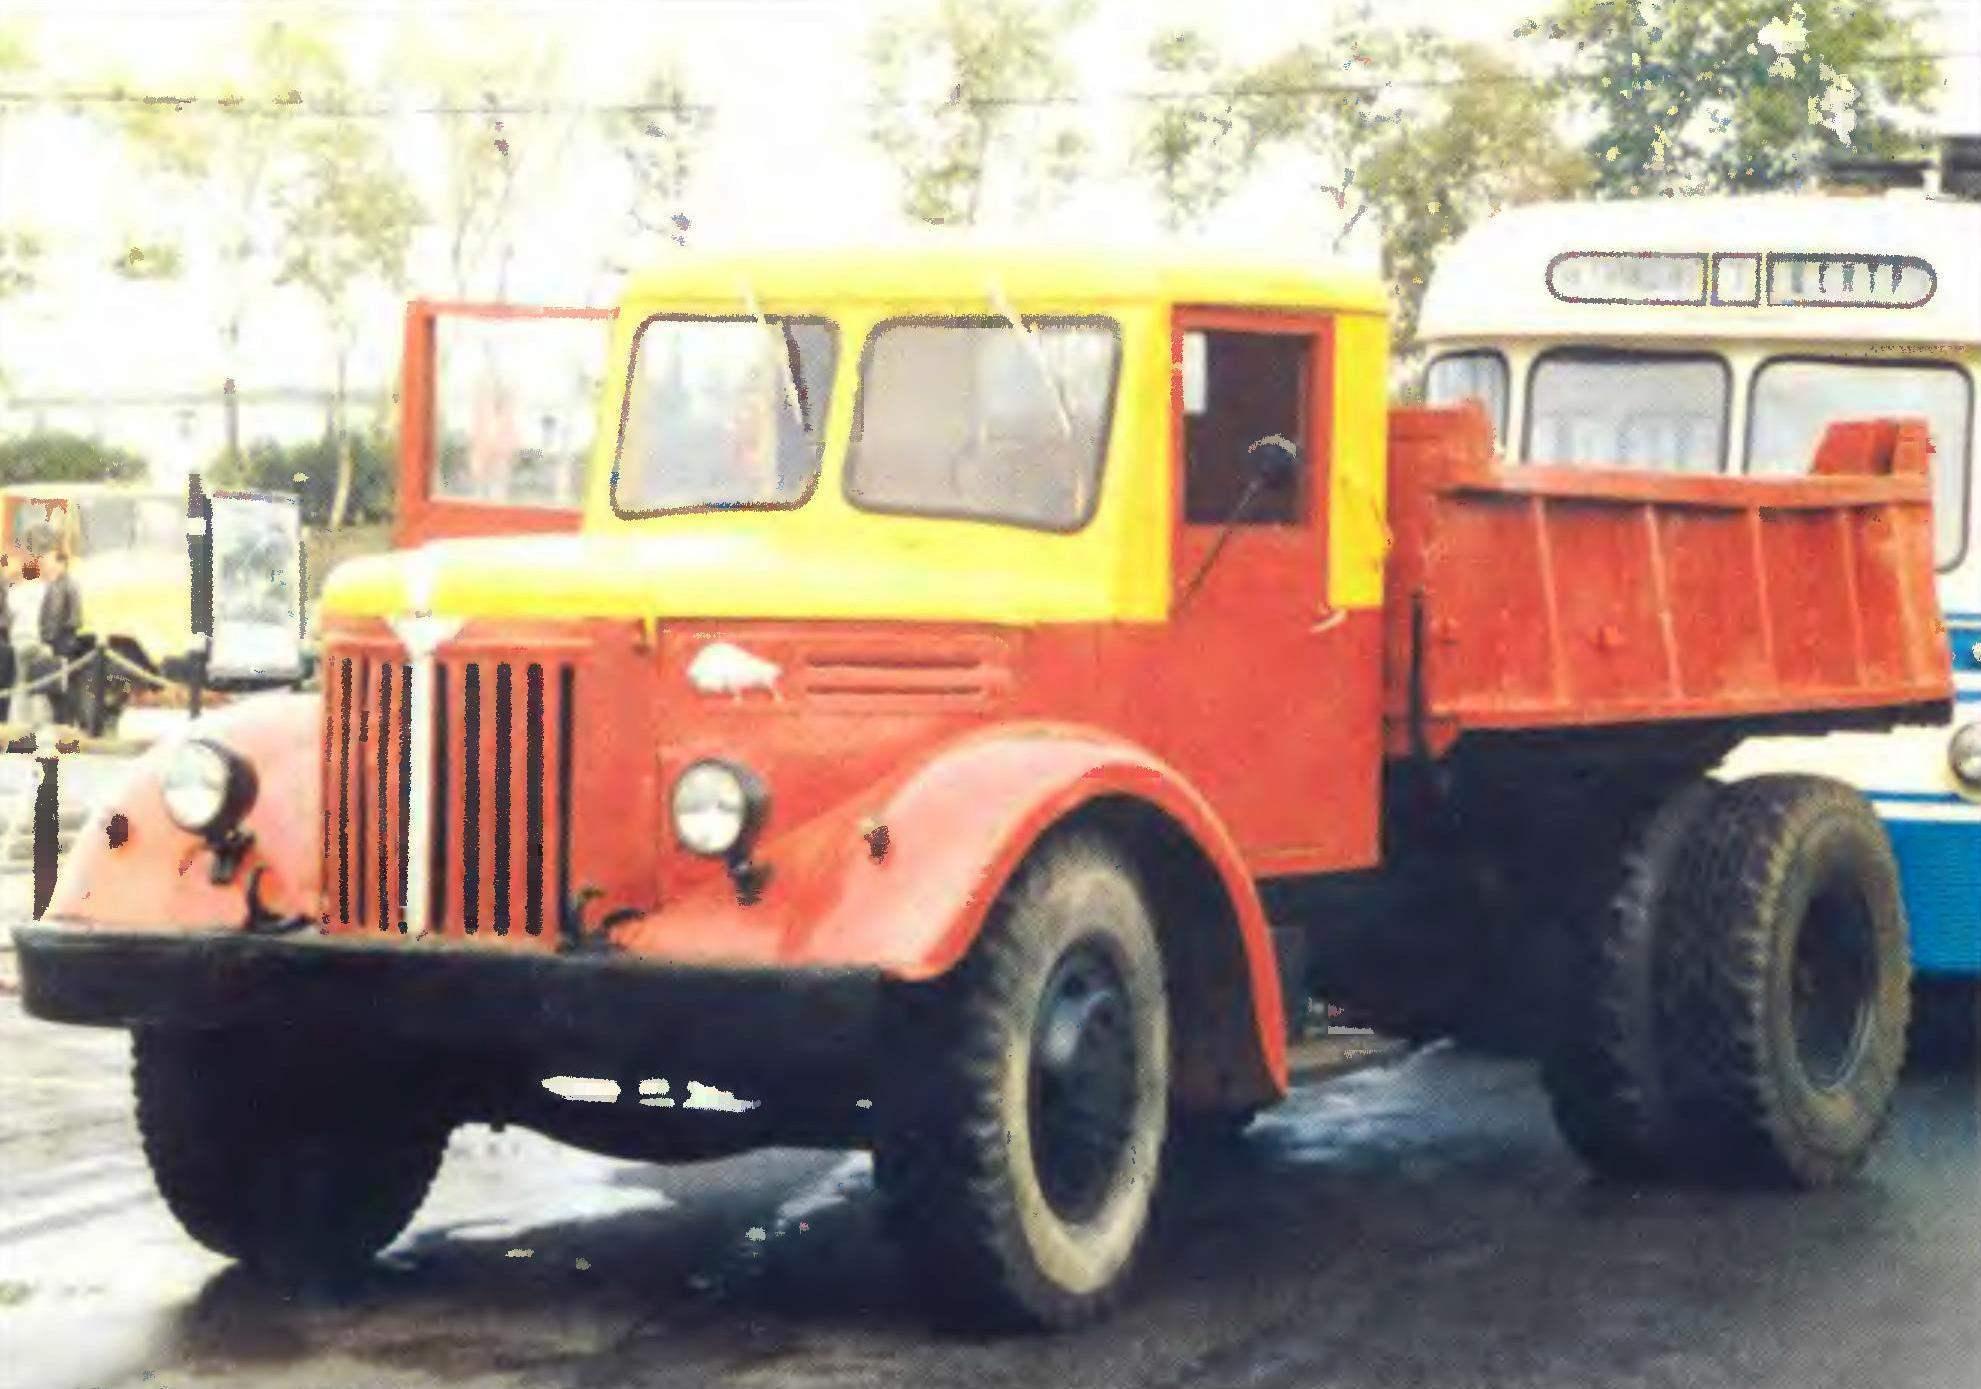 Автомобили МАЗ-200 — бортовой (вверху) и самосвал (внизу)